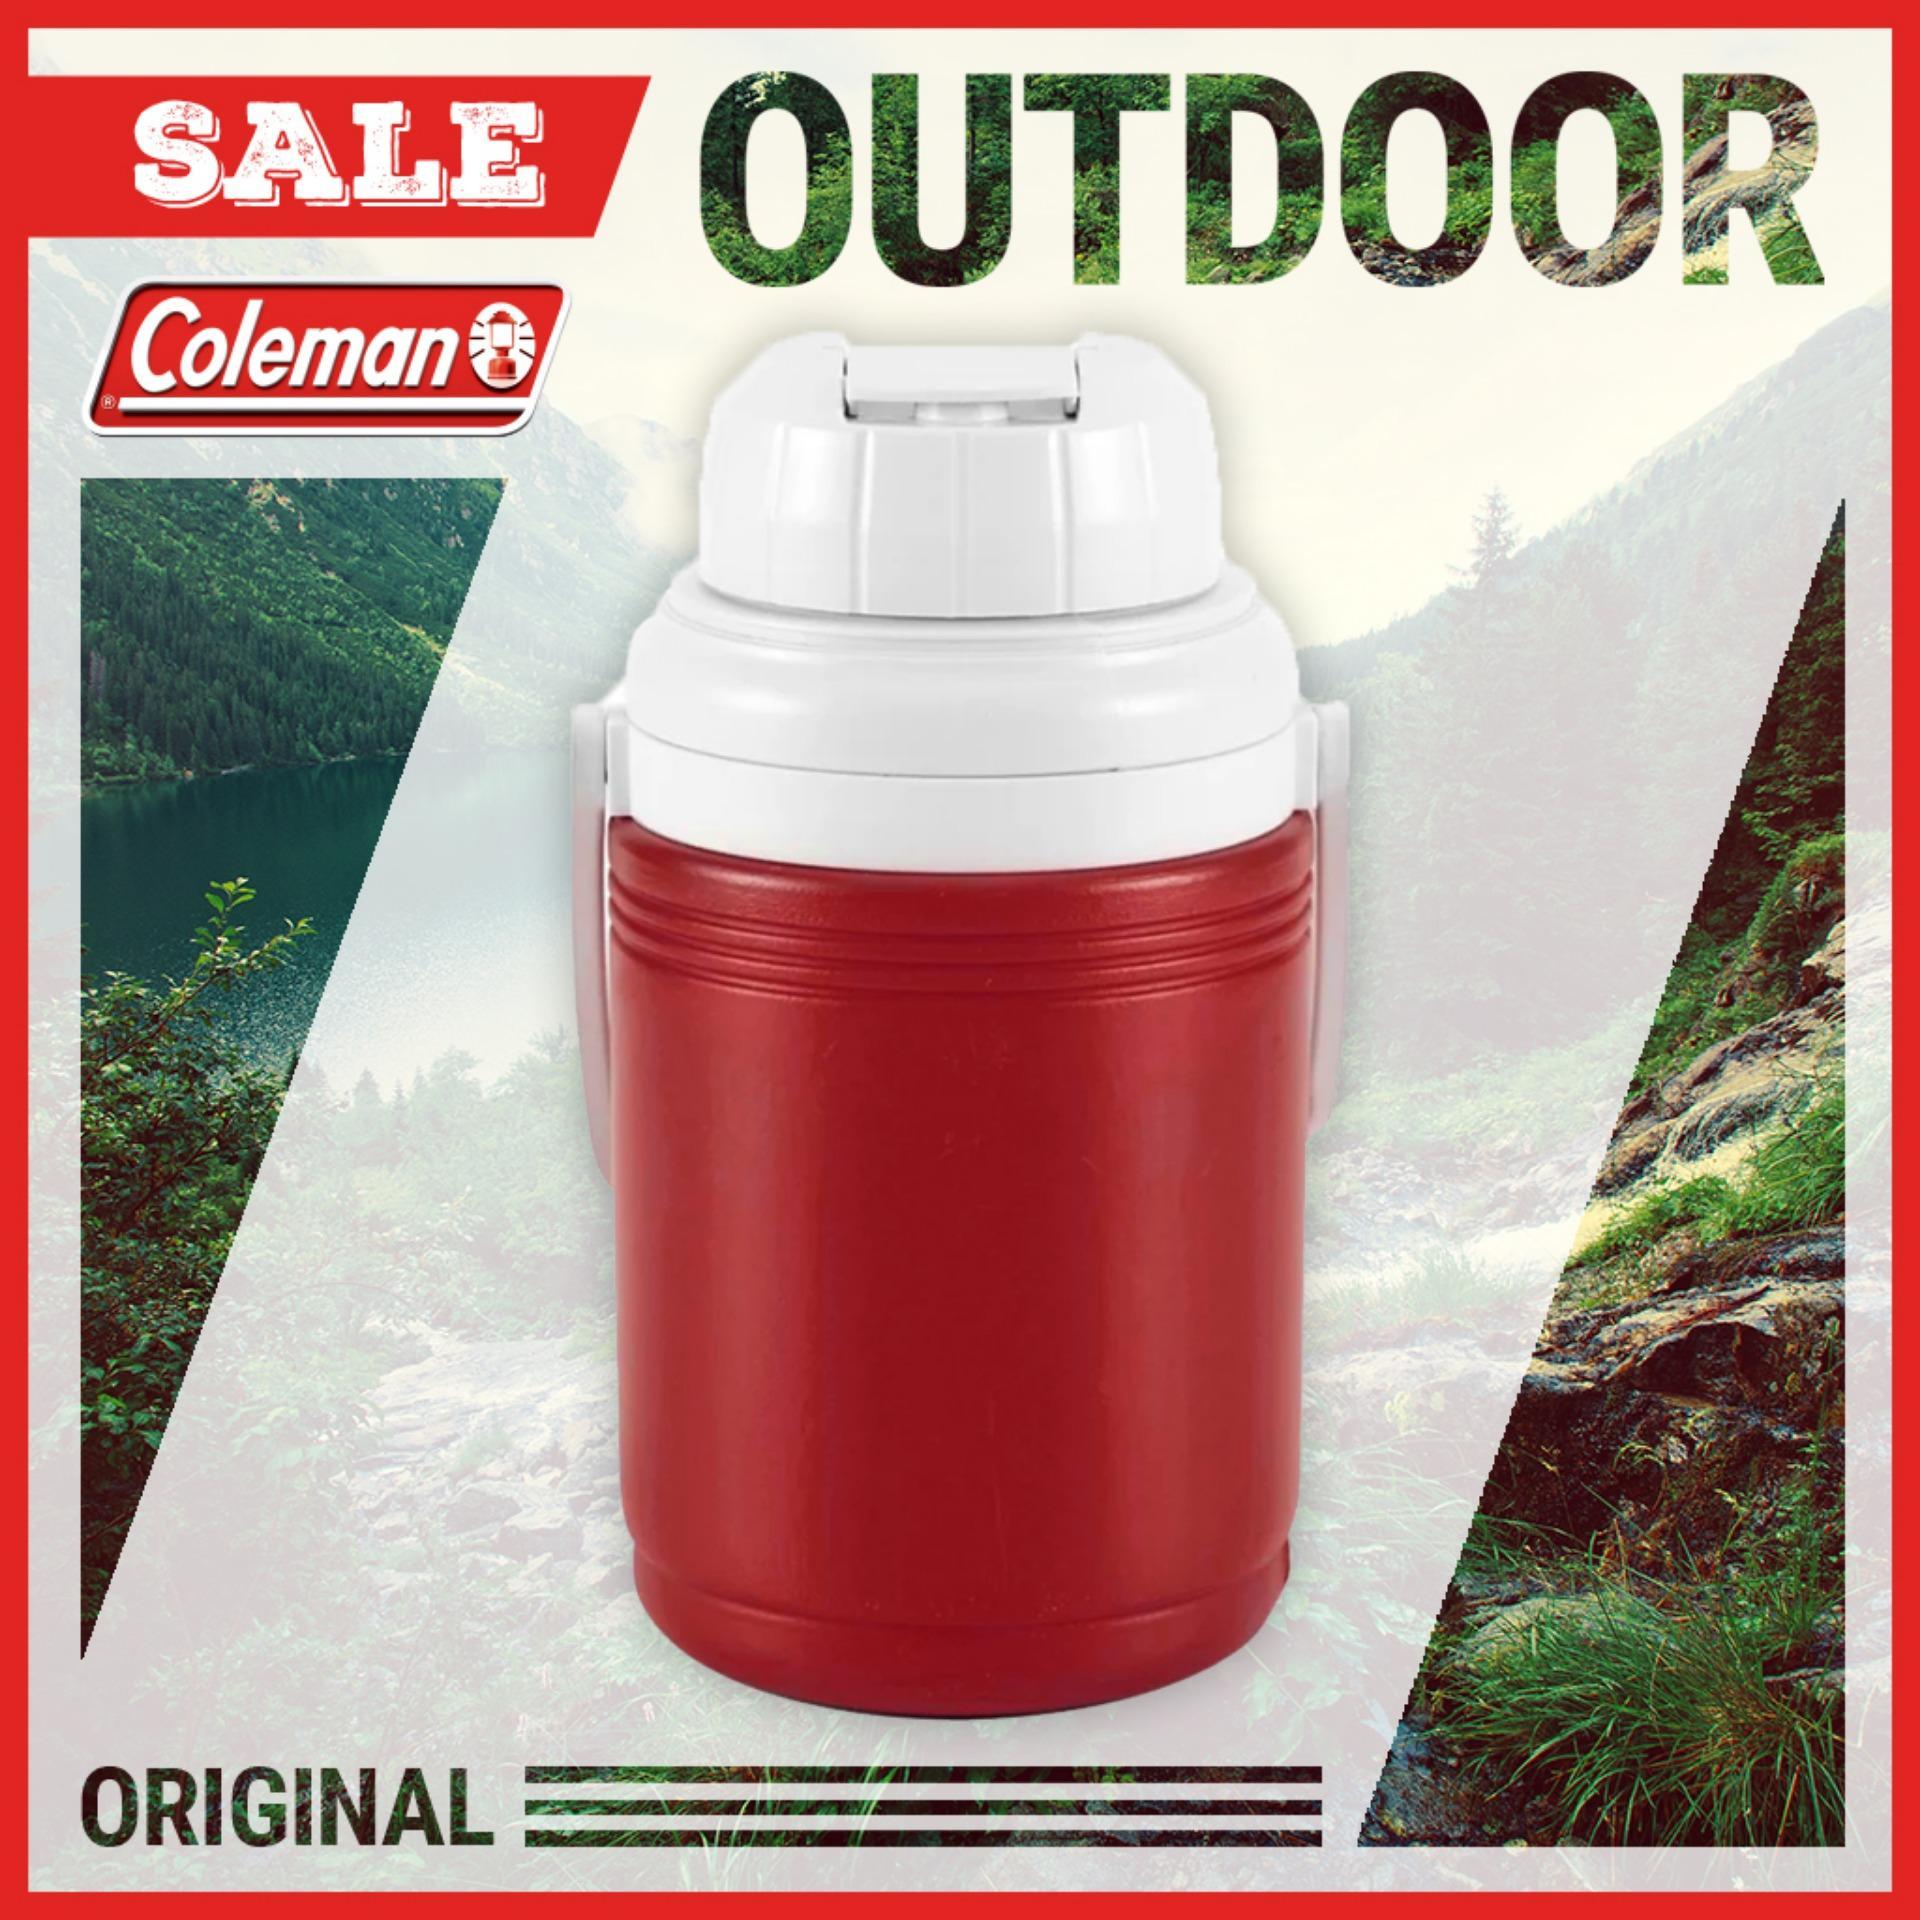 Bình giữ lạnh Coleman 1.2L (Đỏ) 5542B763G - Hàng Phân Phối Chính Thức